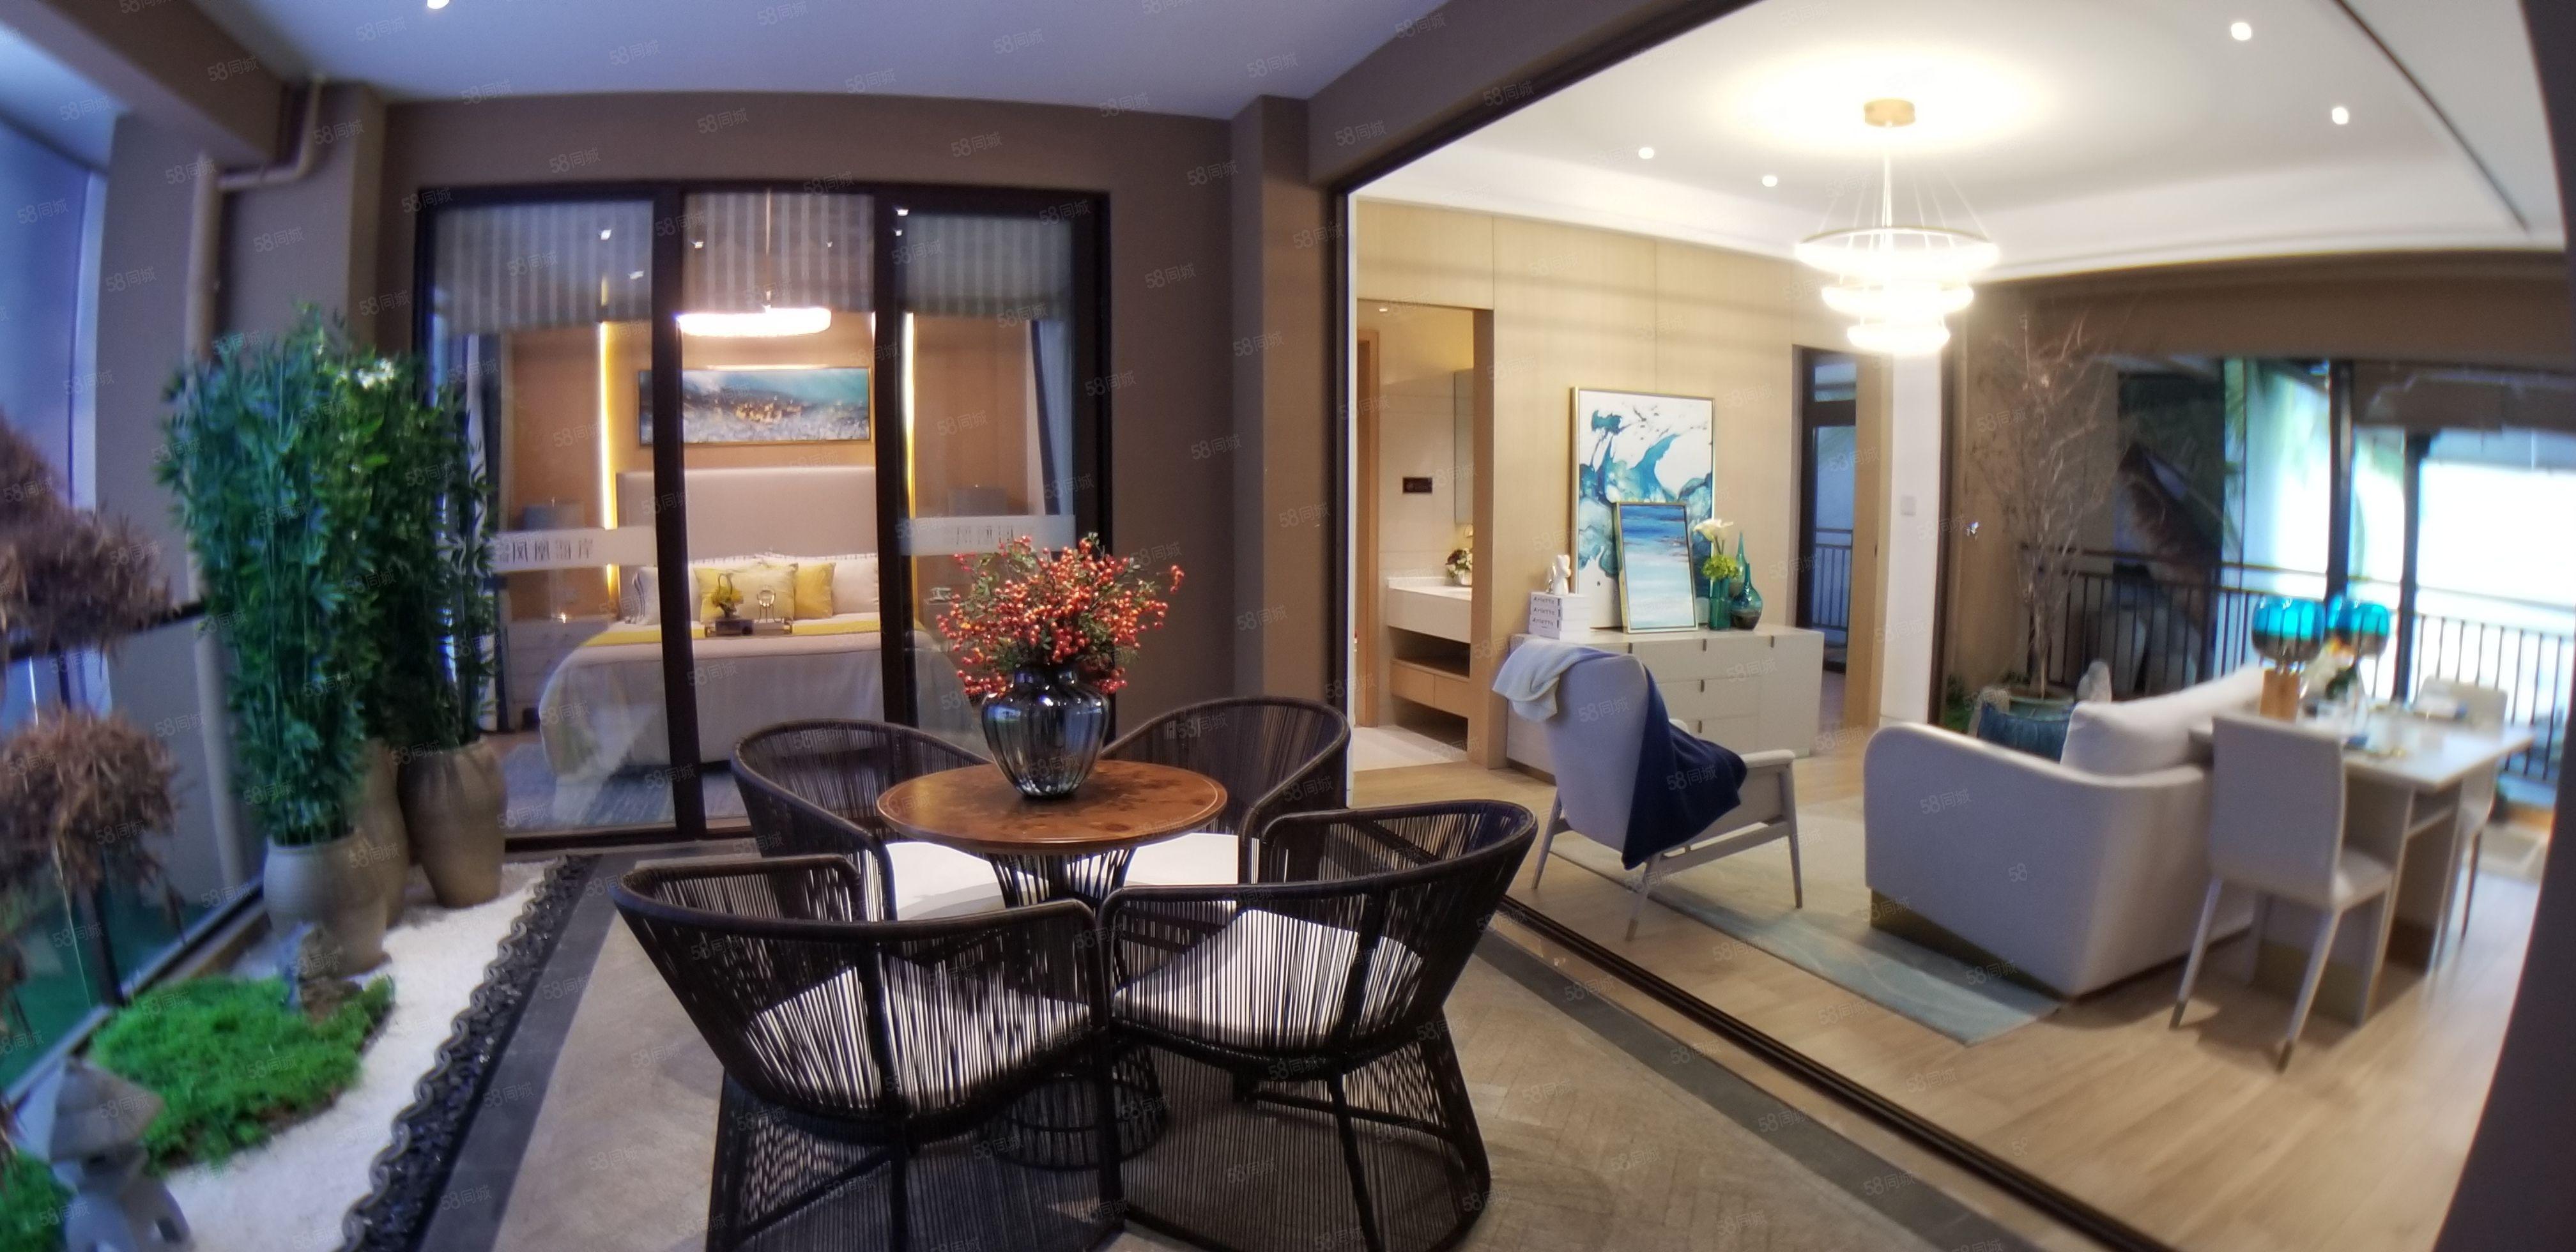 三亚市区丨凤凰海岸电梯入户赠送大露台成熟小区高性价比